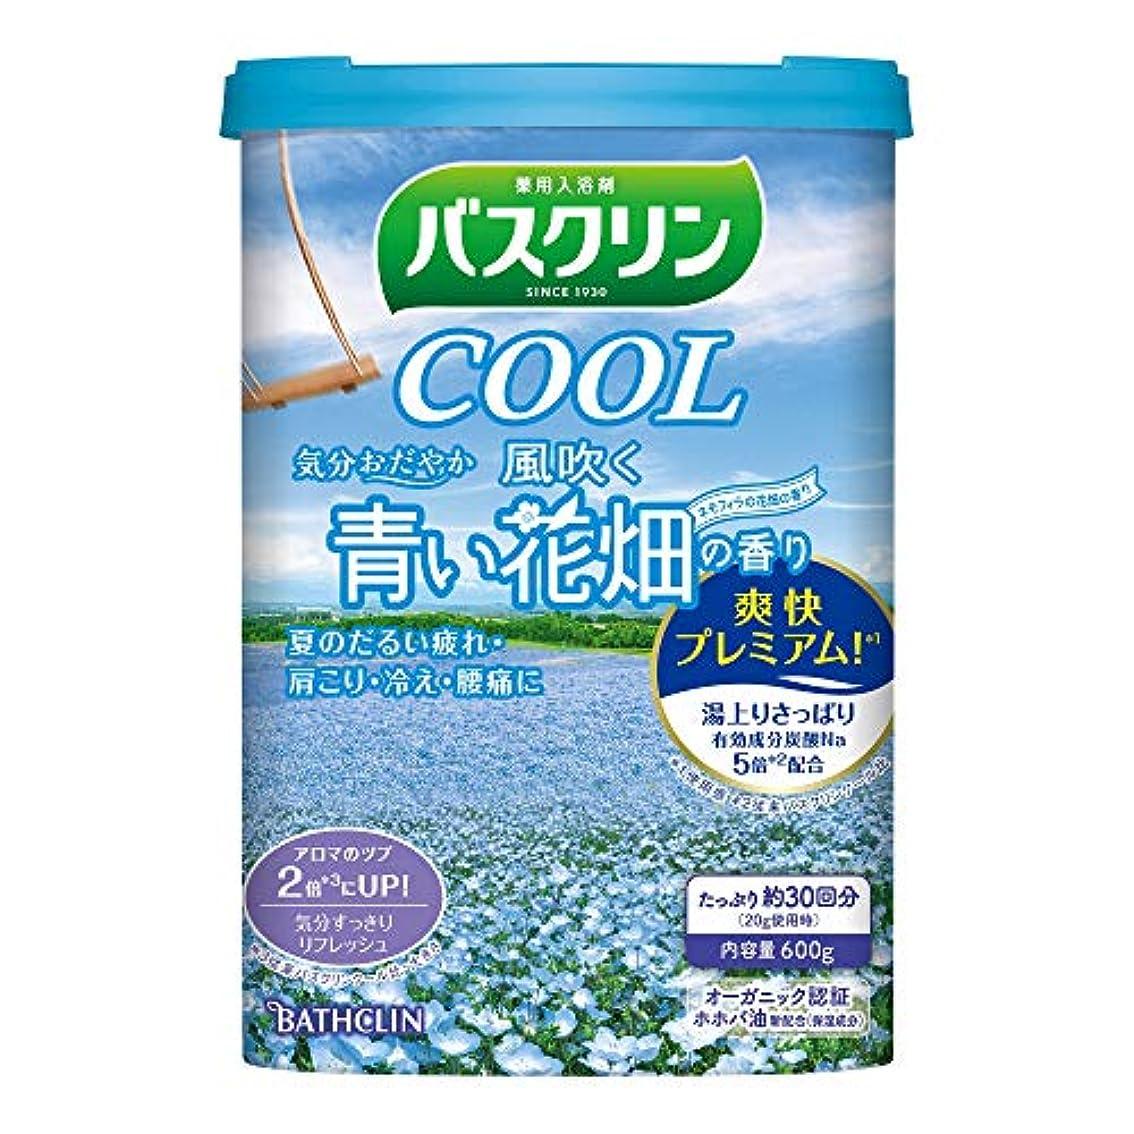 正確にどこ上院議員【医薬部外品】バスクリンクール入浴剤 風吹く青い花畑の香り600g クール入浴剤 すっきりさわやか